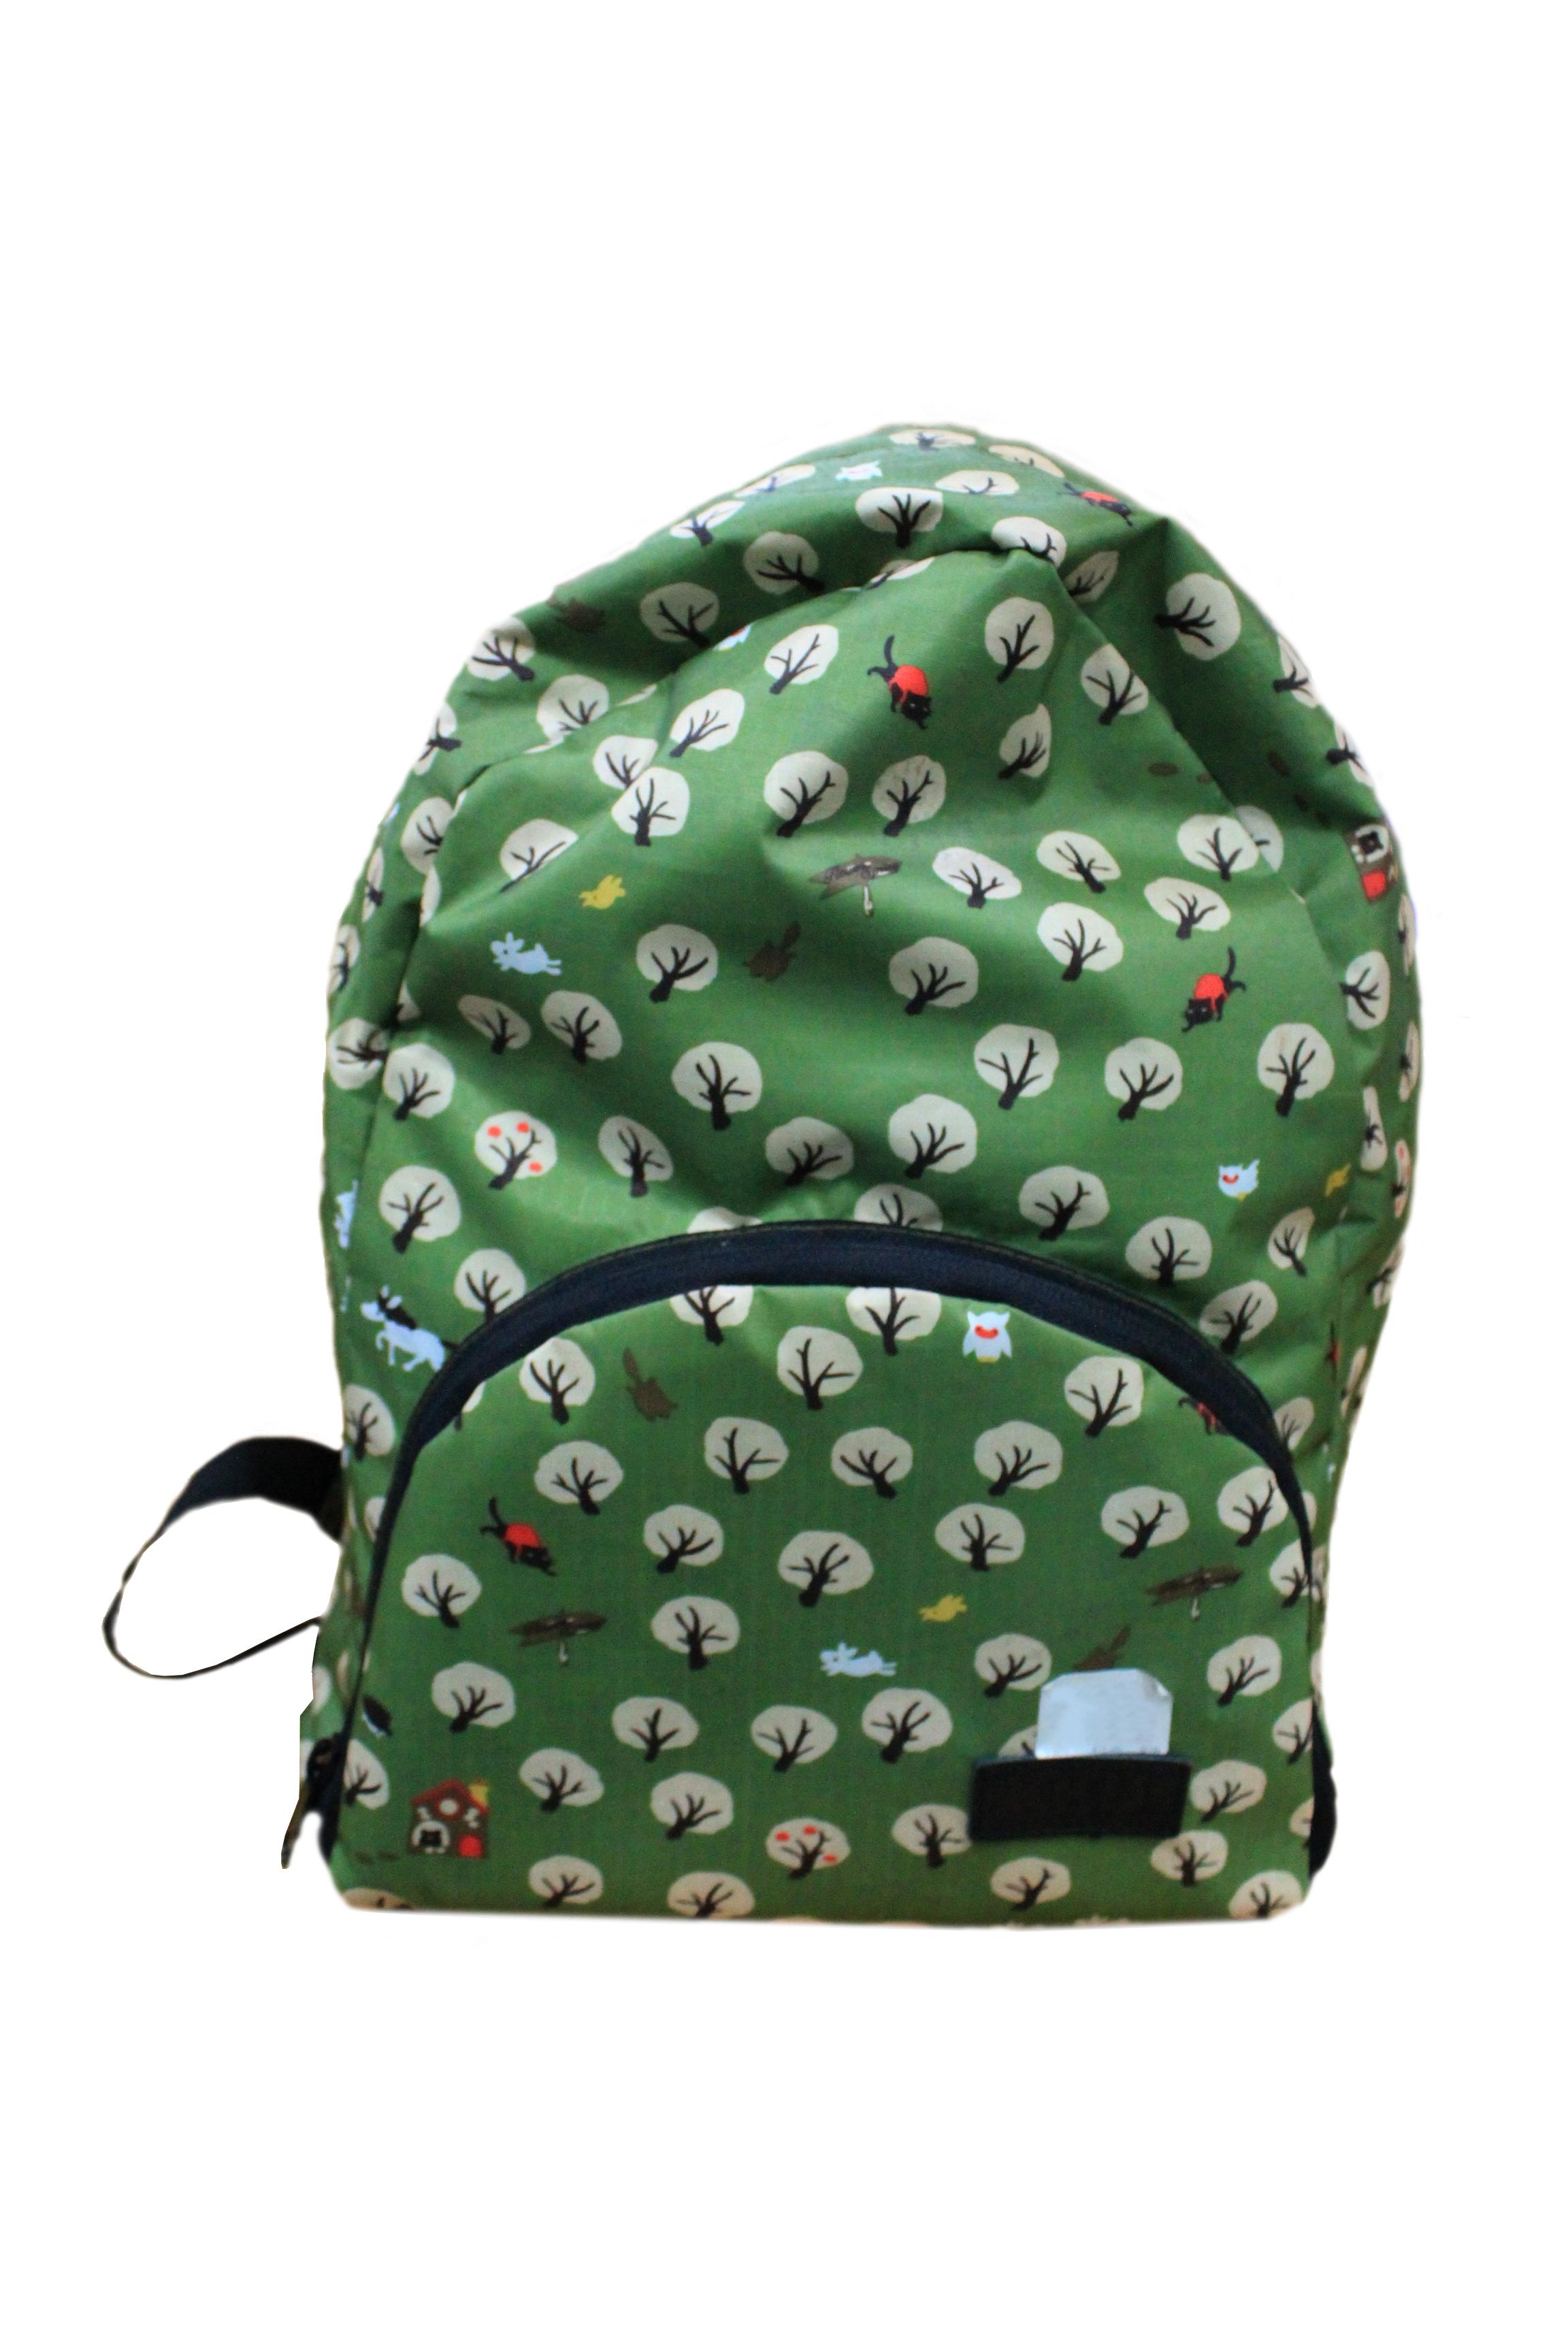 กระเป๋าพับได้ สีเขียวลาย